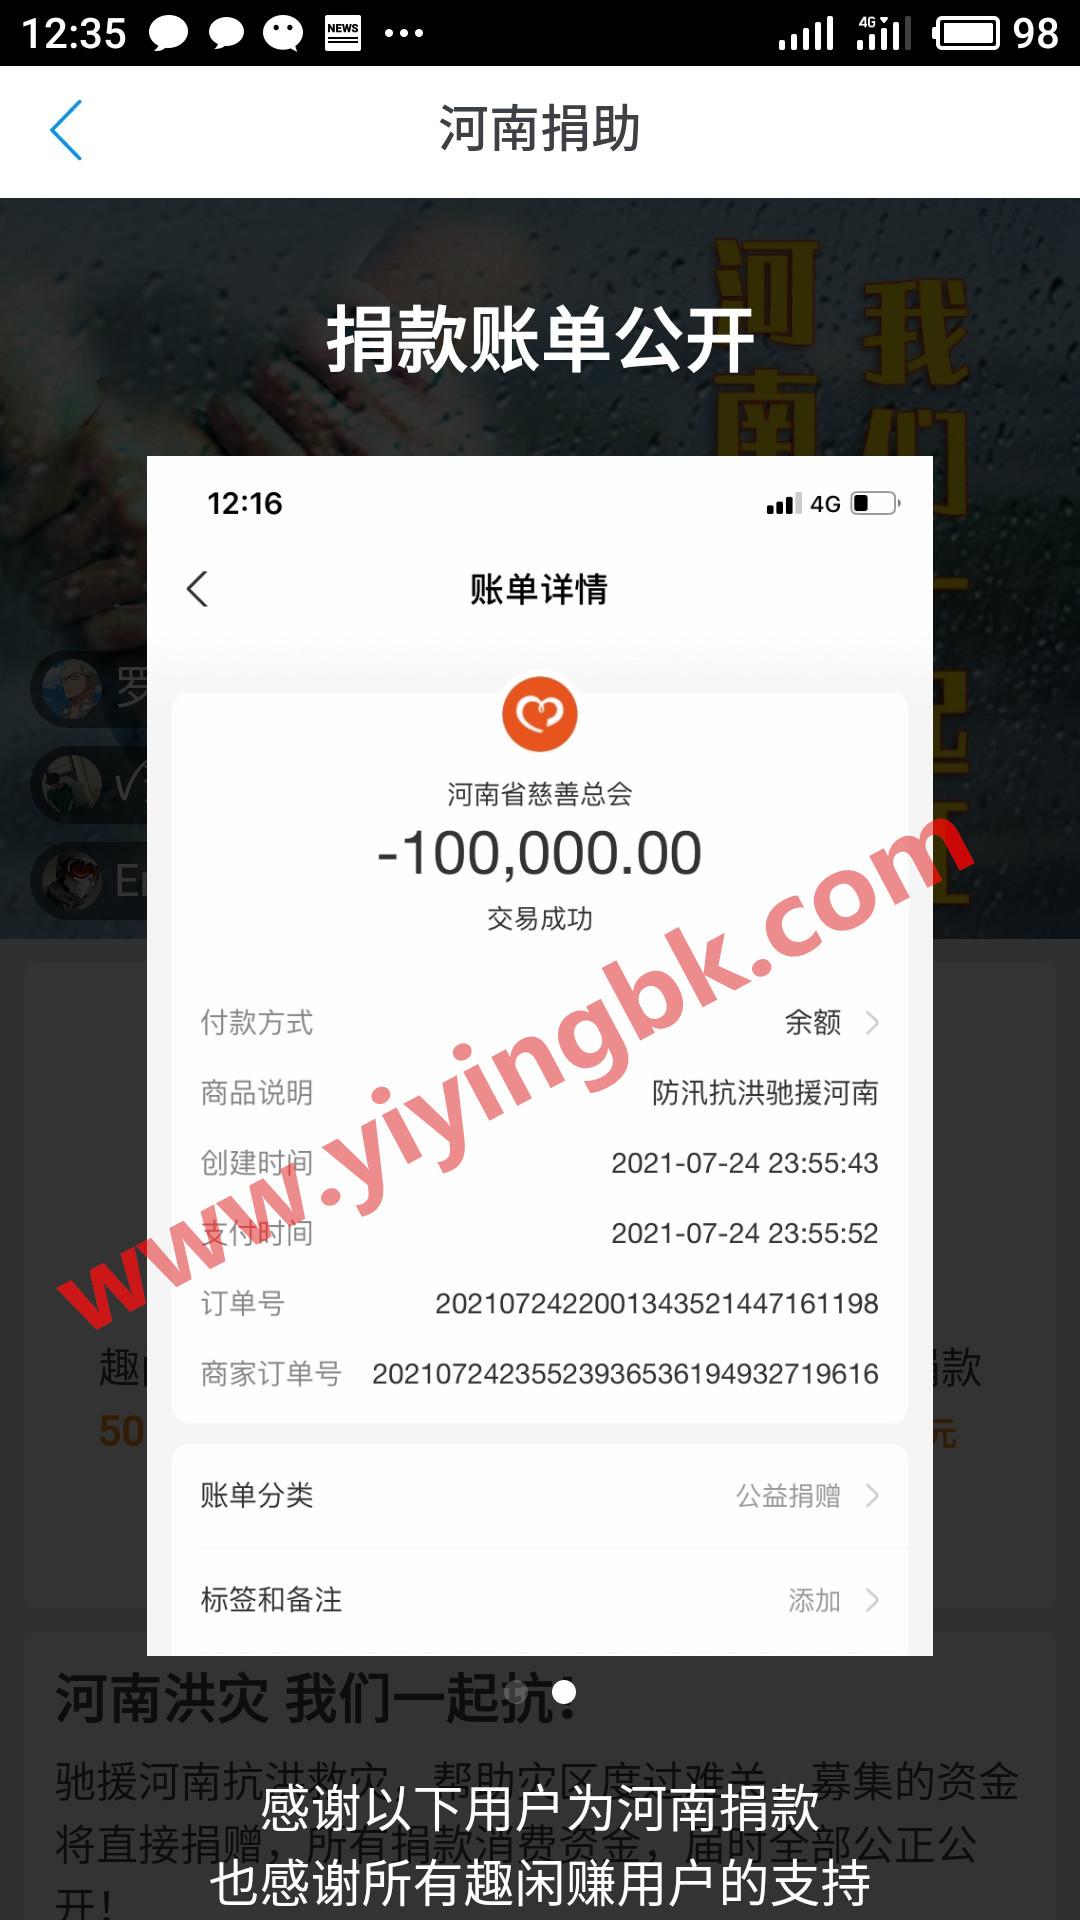 捐助河南证书,捐款账单公开,www.yiyingbk.com